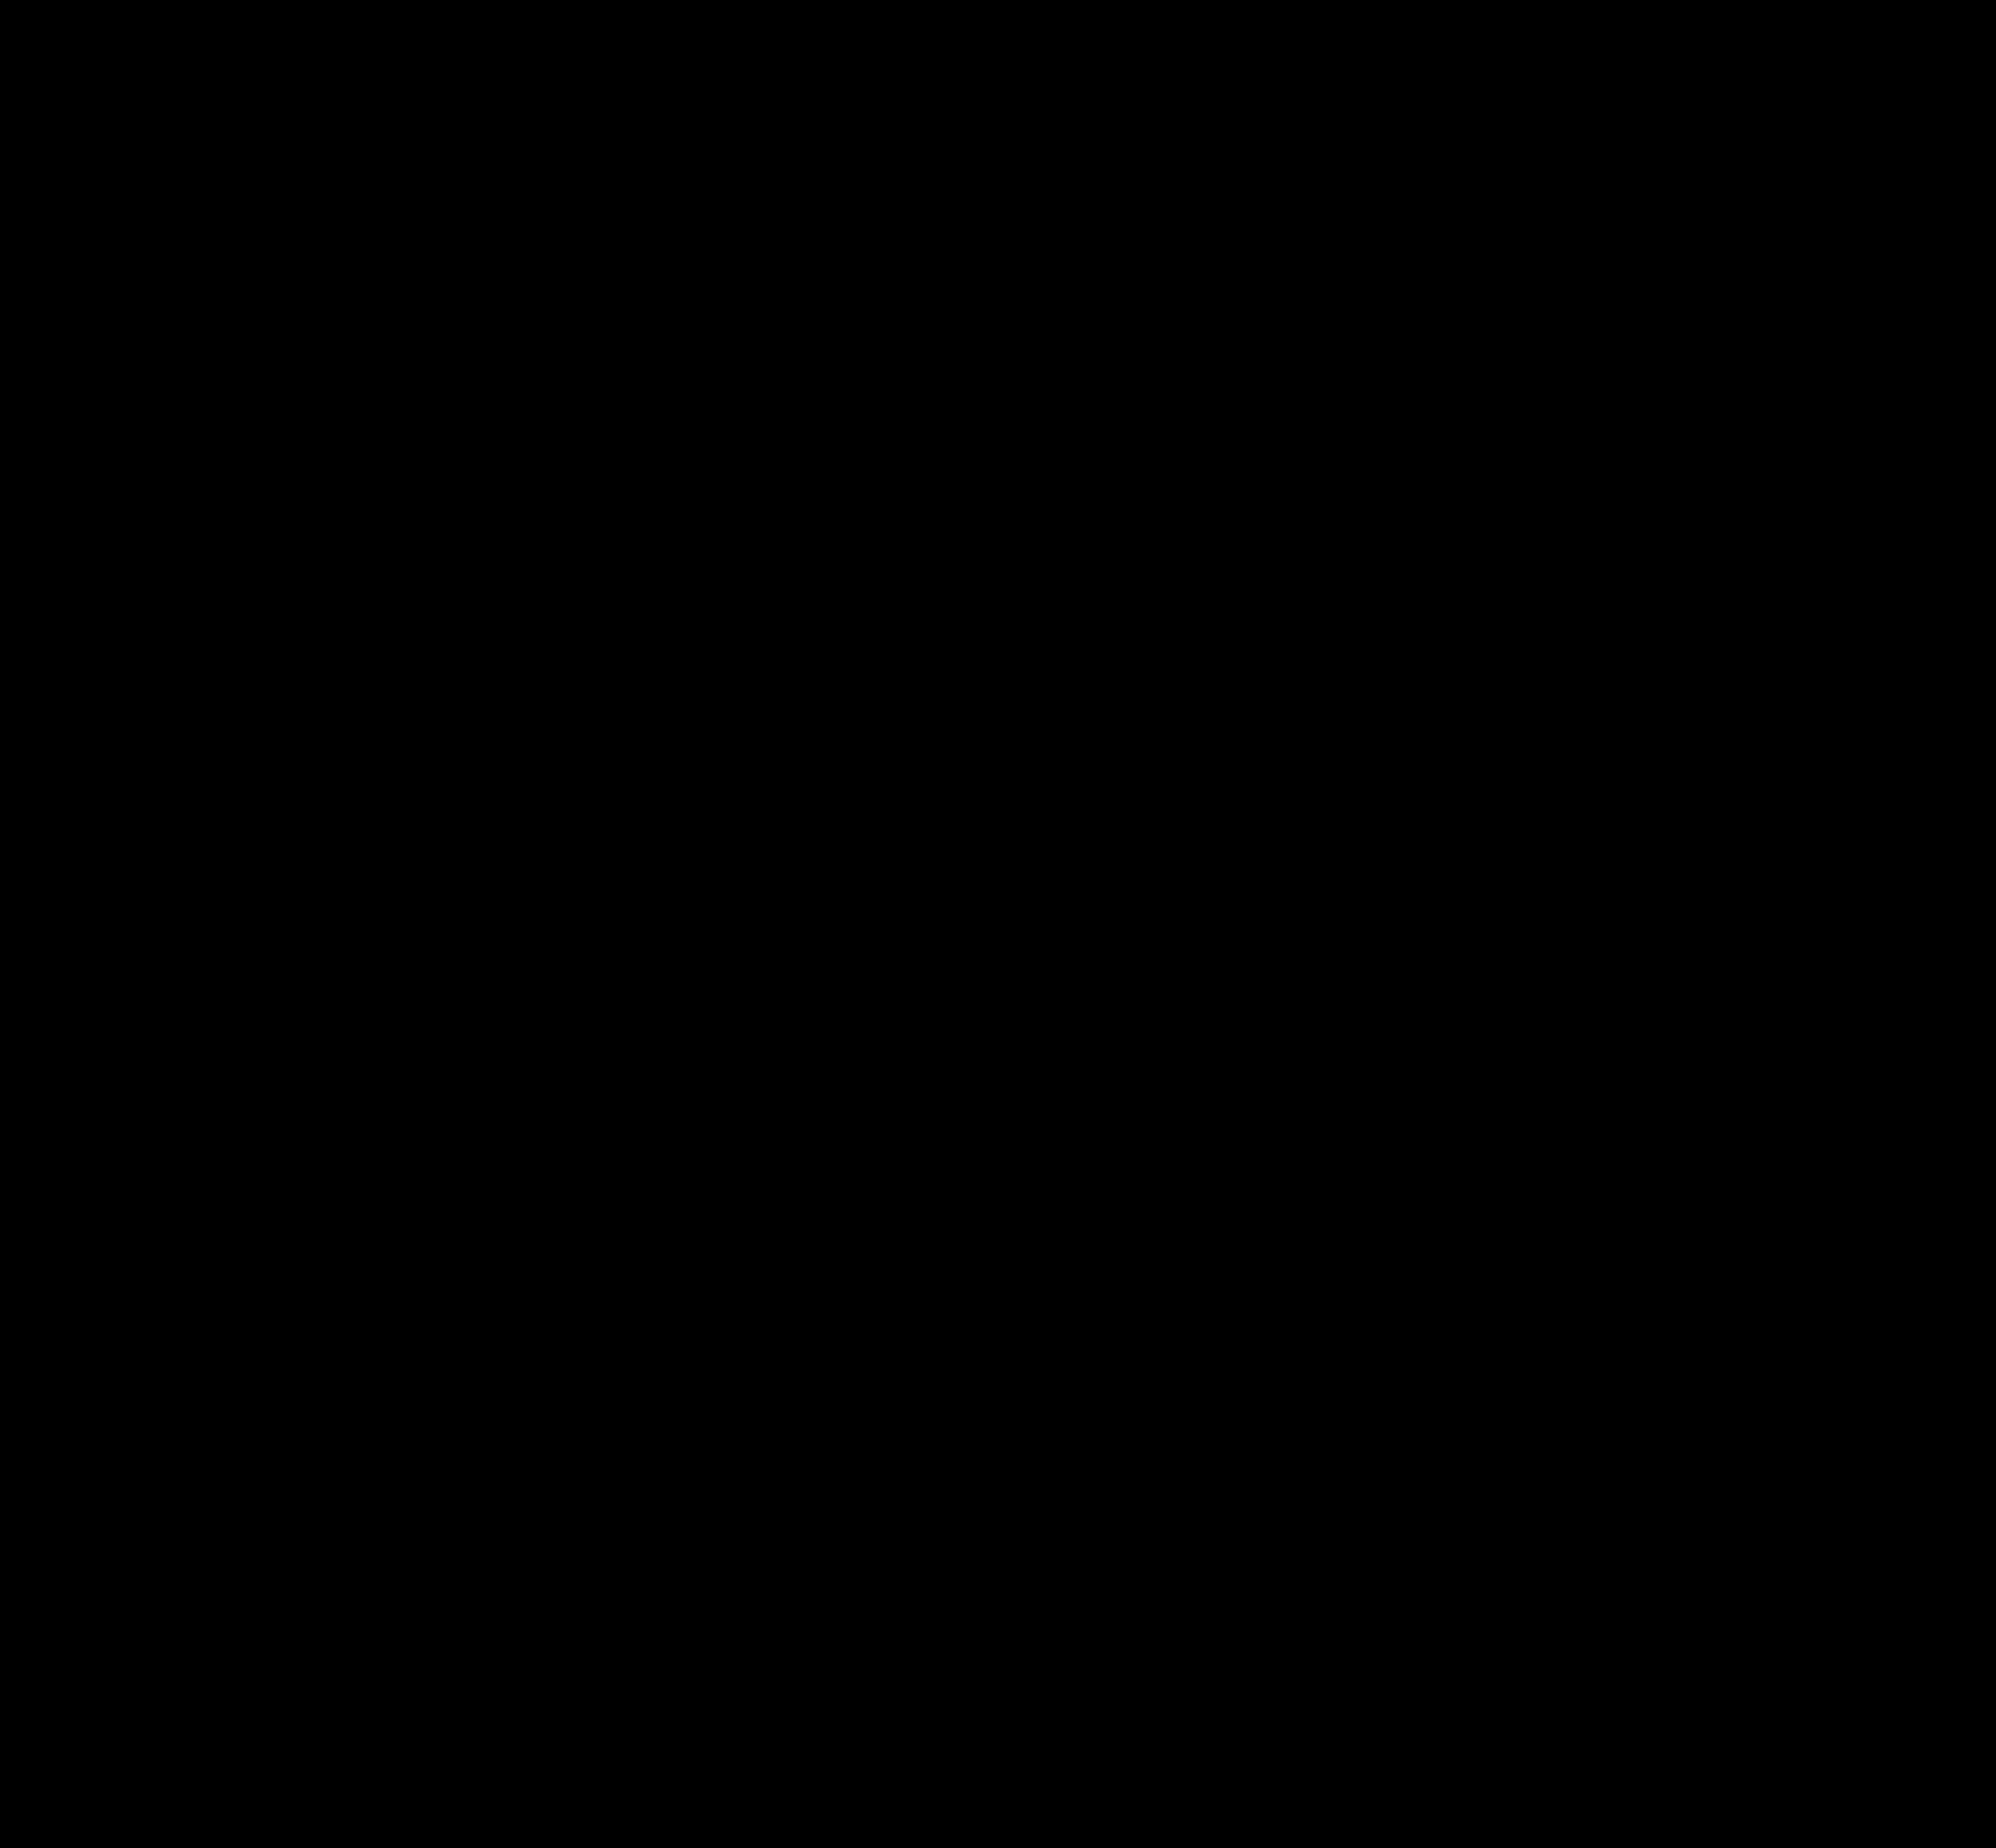 spiegazione del processo di realizzazione del pattern del brand identity design di savoia. un pattern grigio chiaro su sfondo bianco e un altro grigio su sfondo grigio scuro